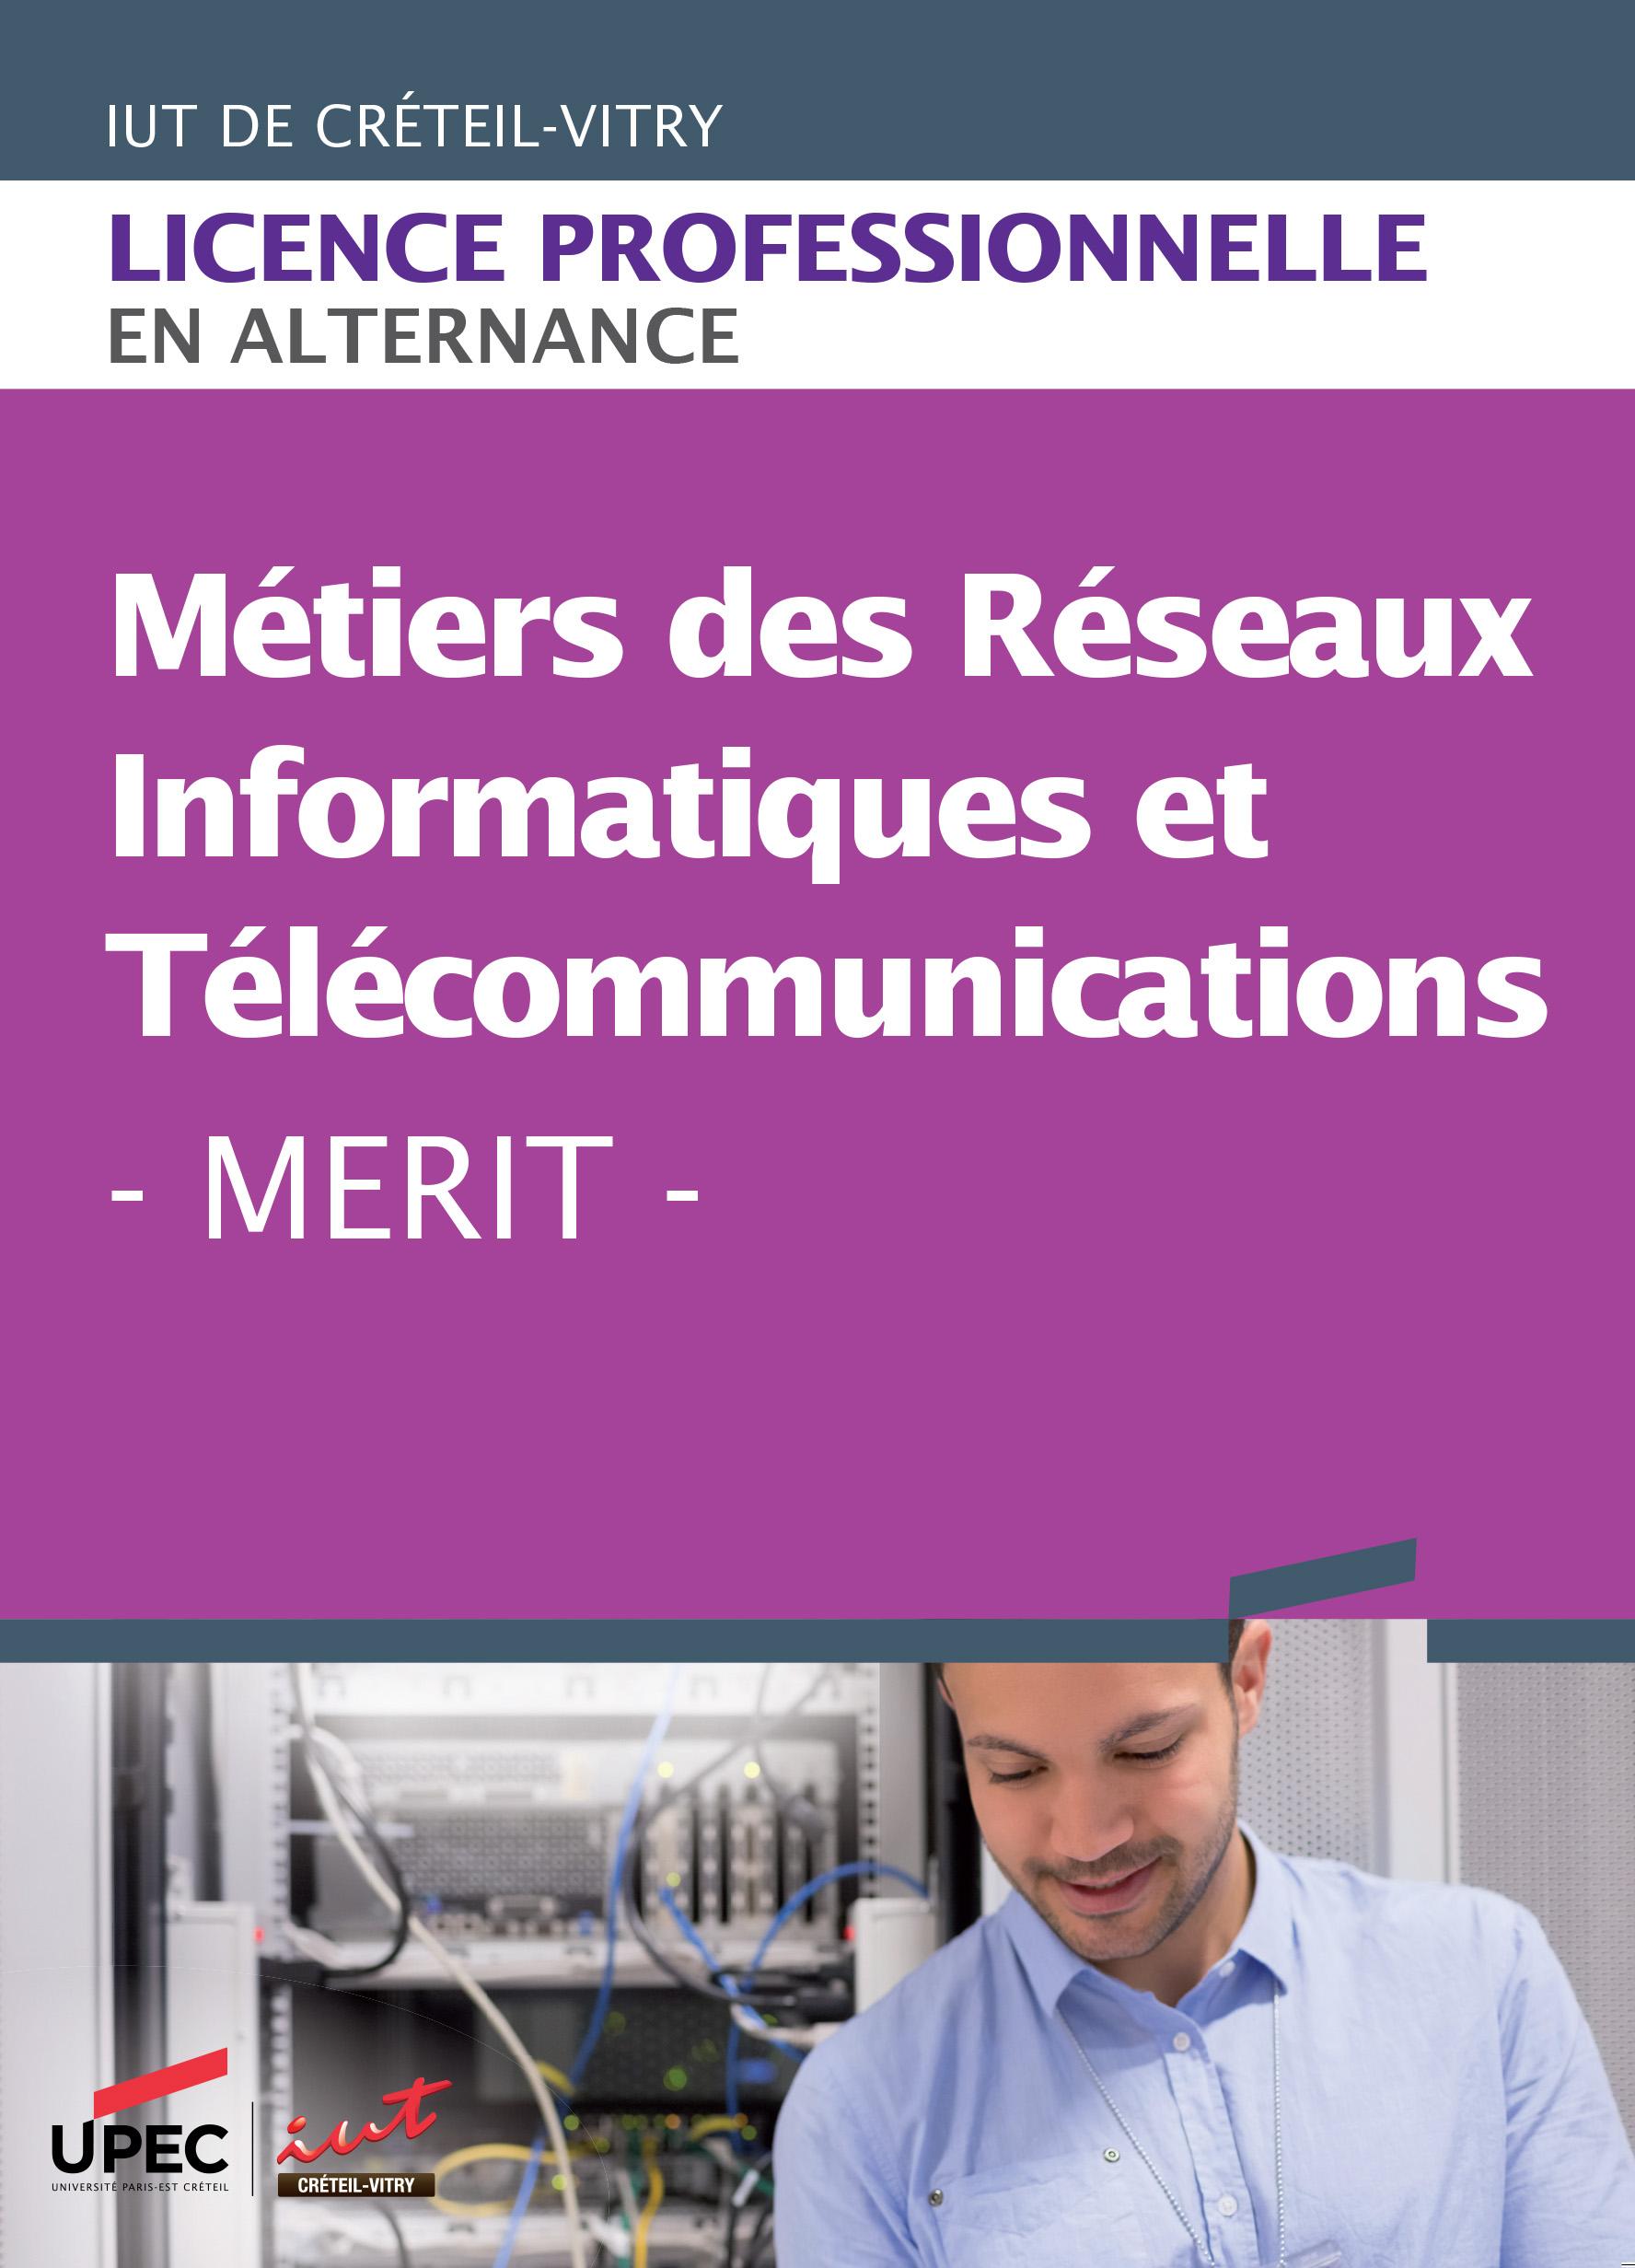 Plaquette licence professionnelle Métiers des réseaux informatiques et télécommunications